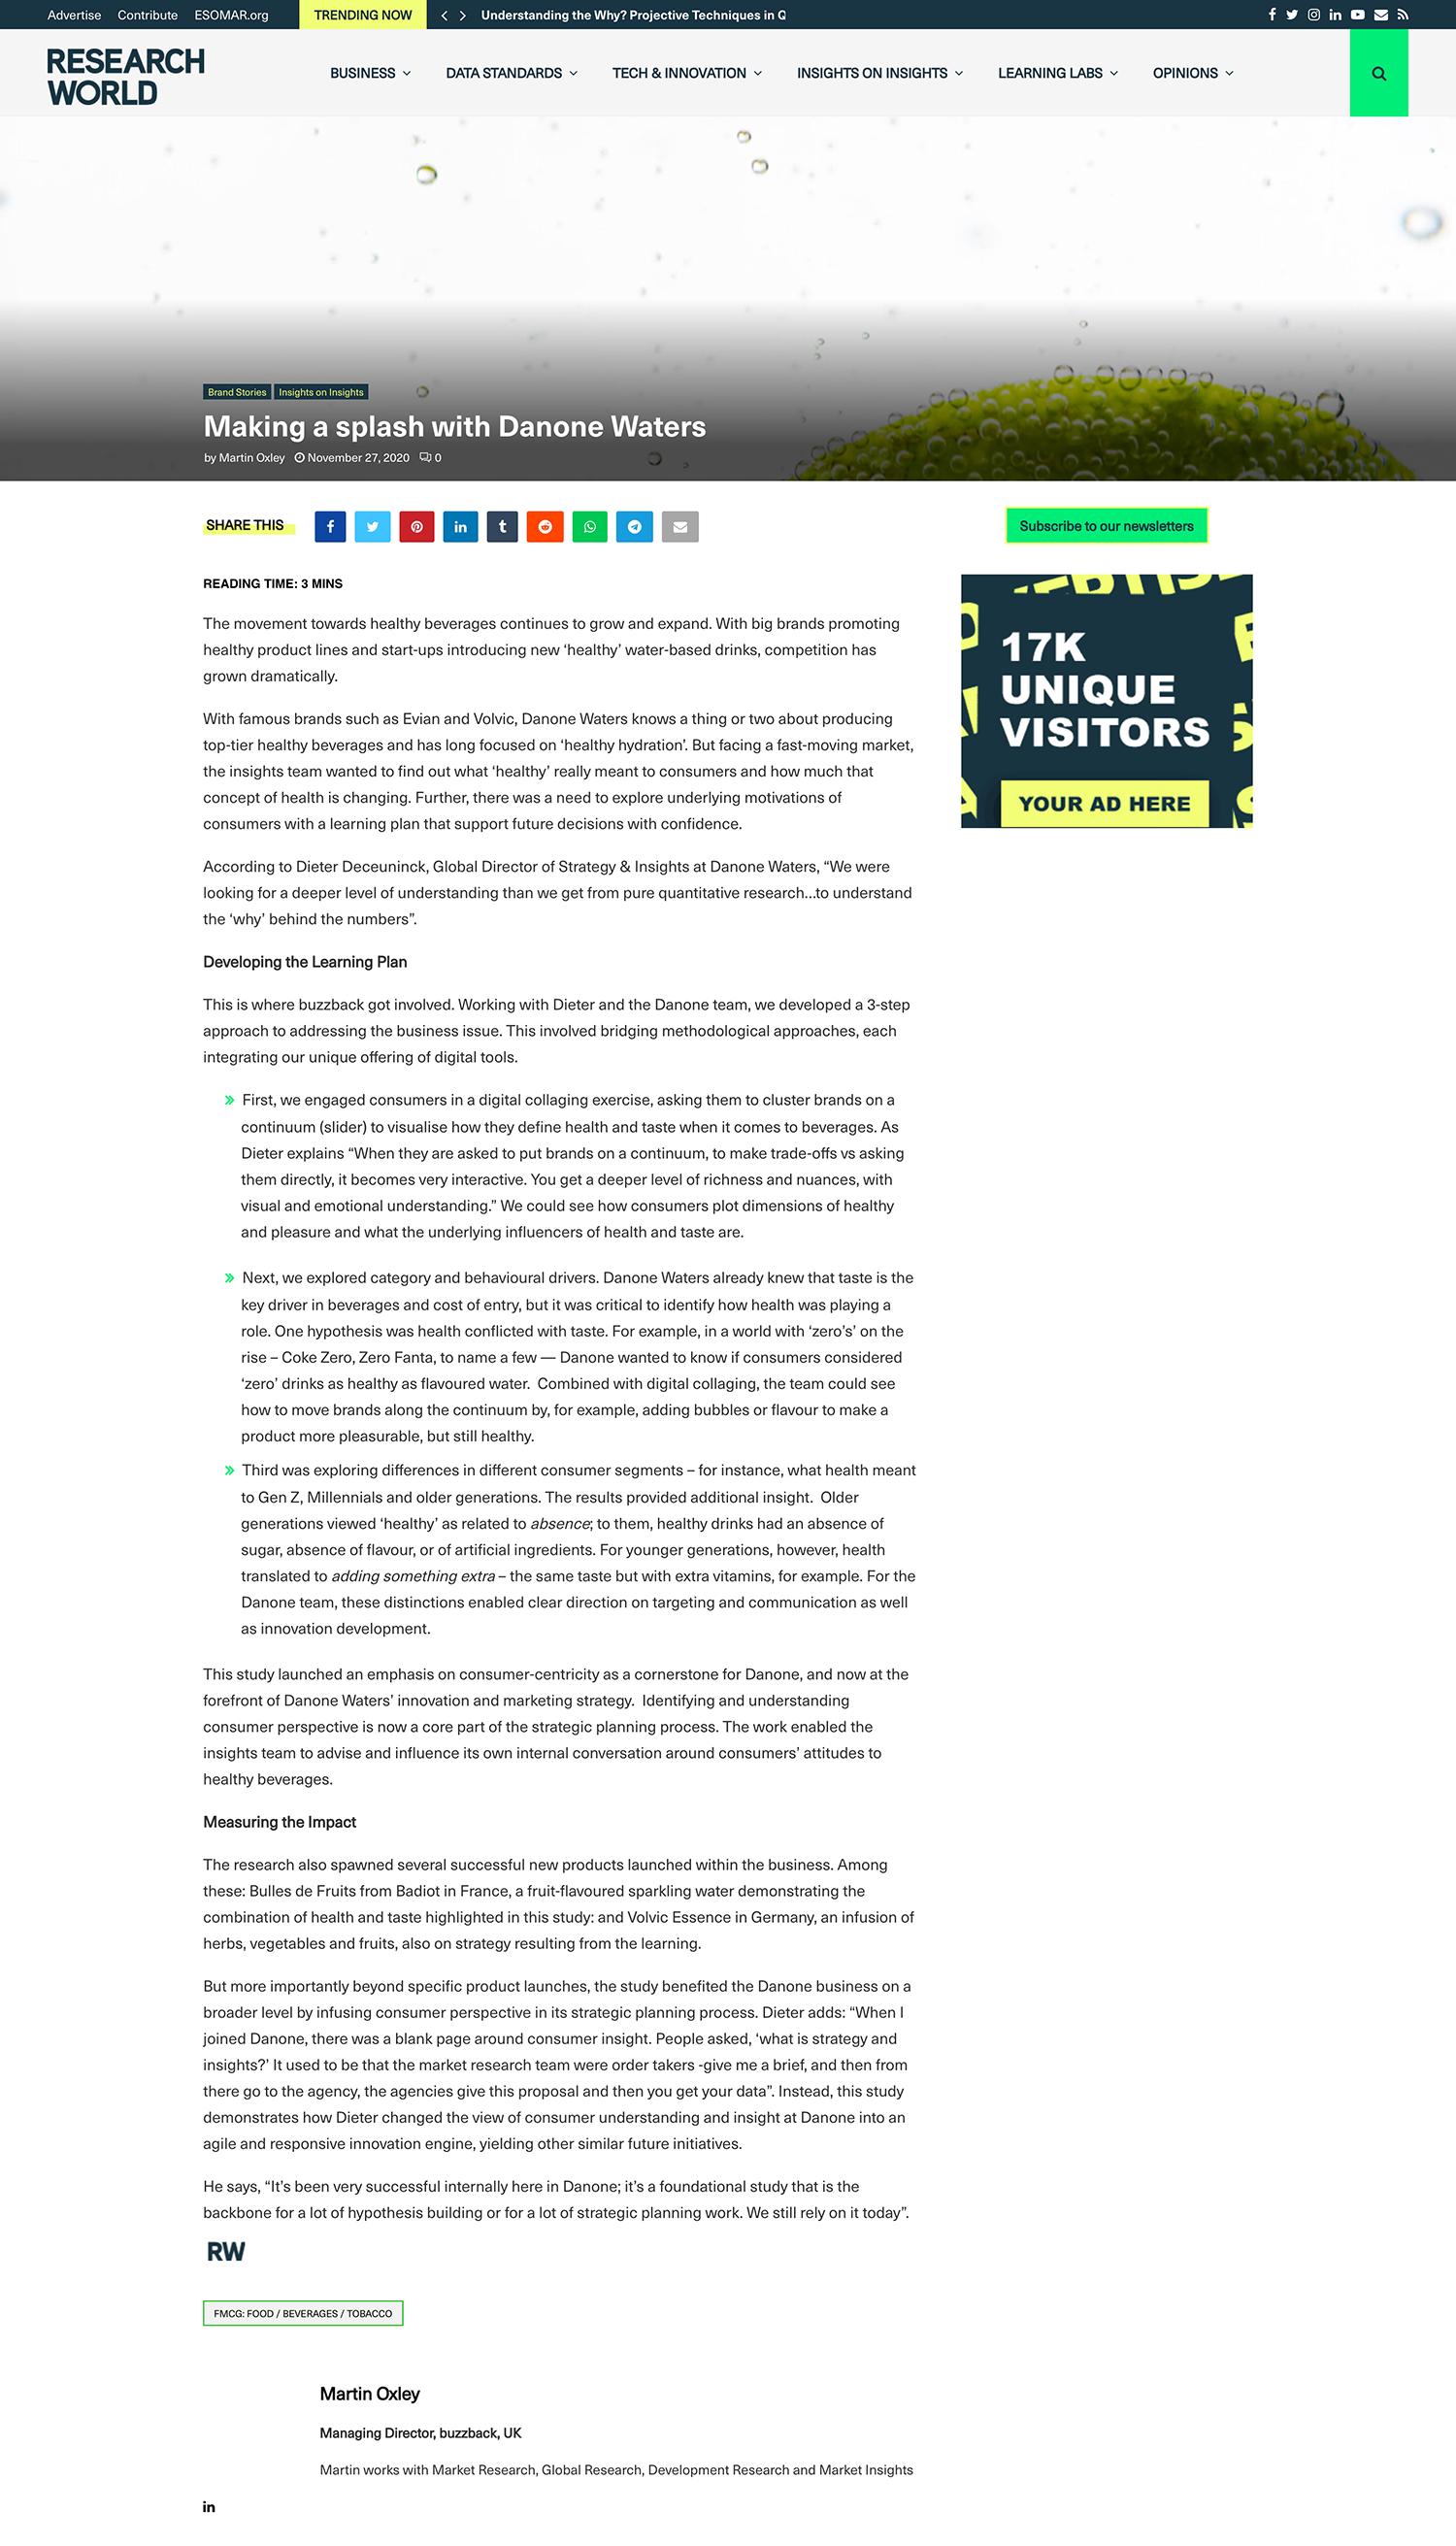 Research World Danone coverage